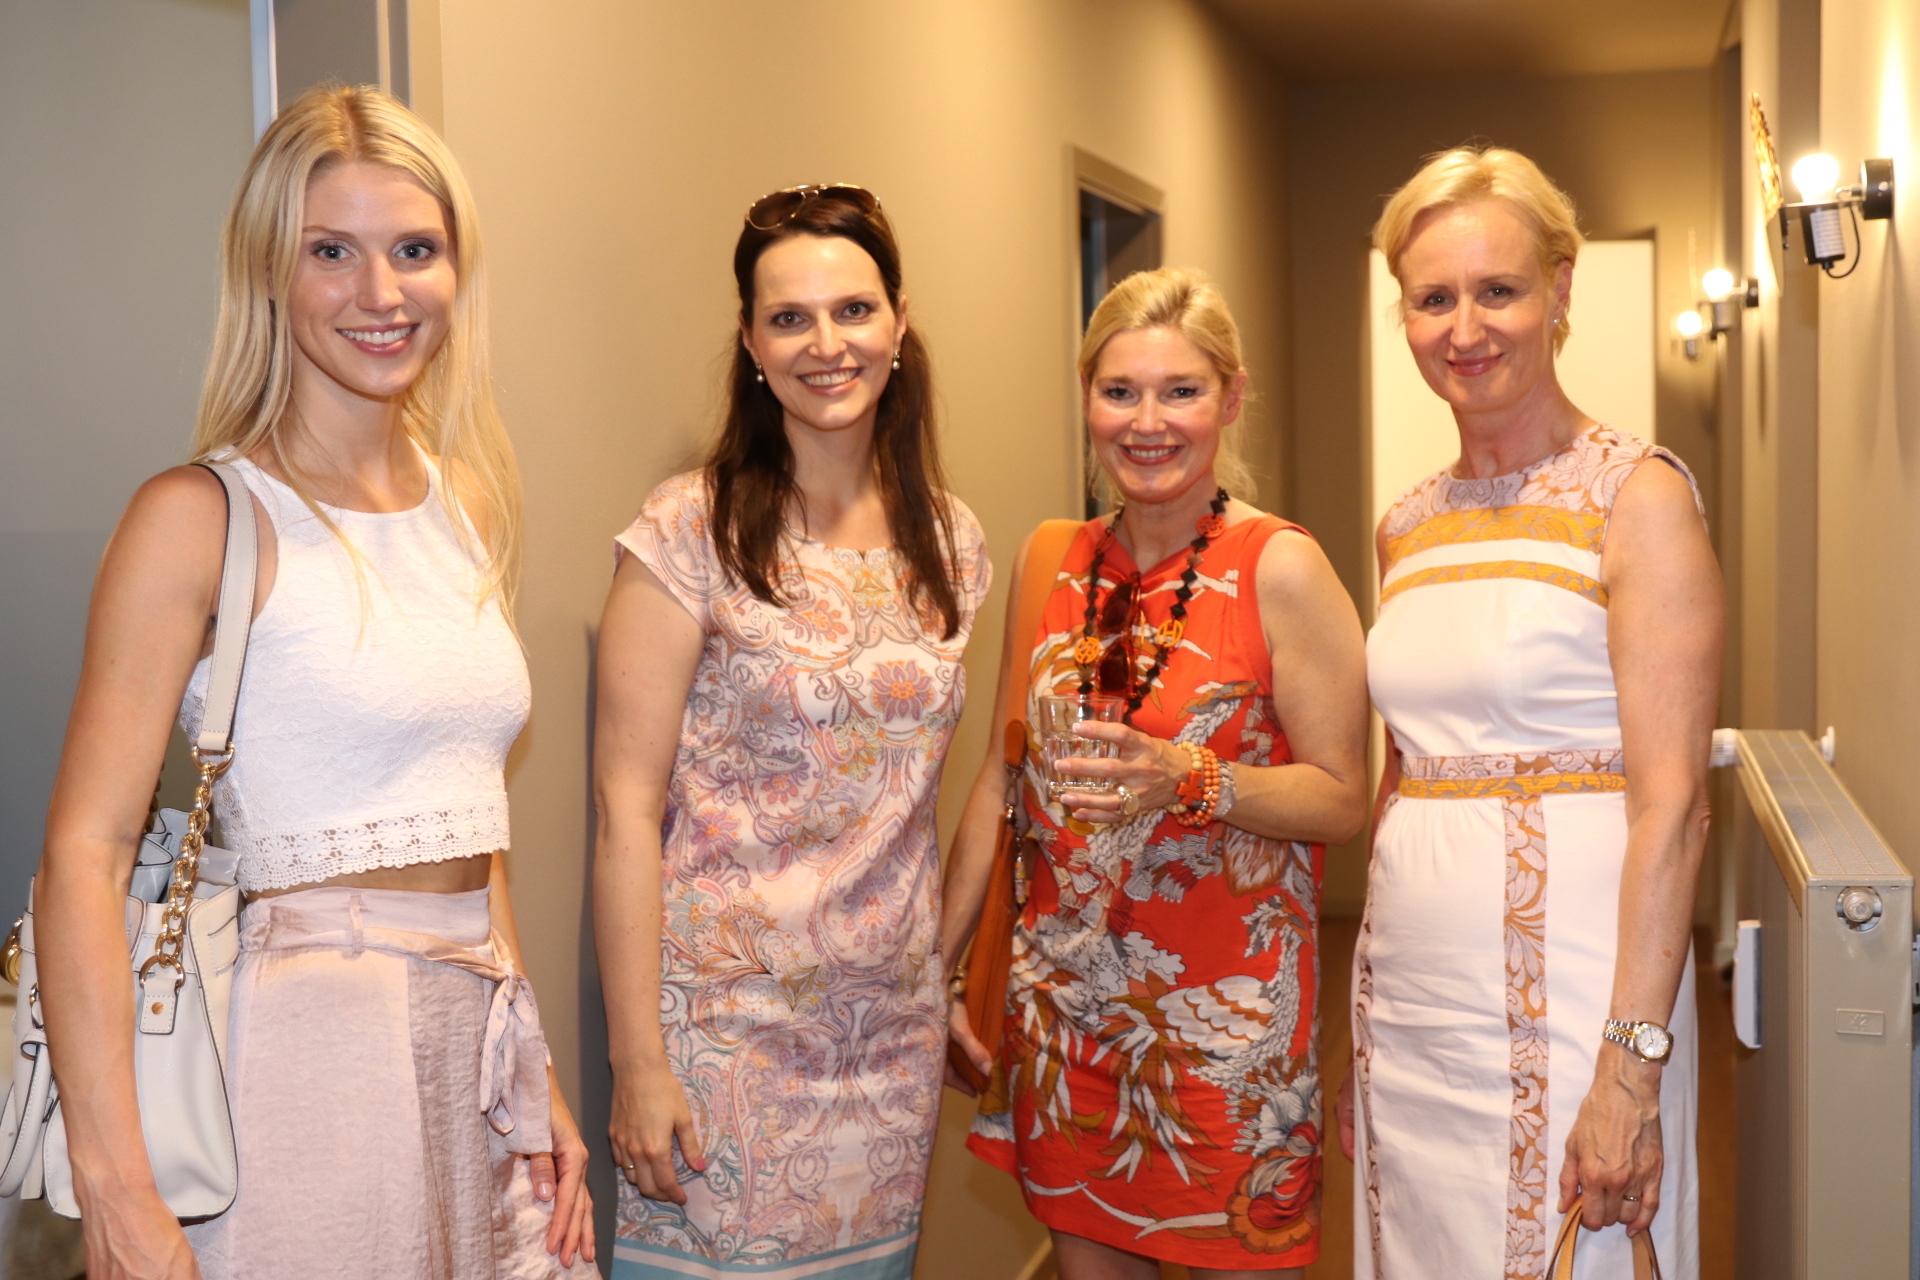 Myssage, Stefanie Seiffert, Janine Annen, Marion Bock rechts, Entspannung in der Stadt, Lifestyle-Blog, Lieblingsstil.